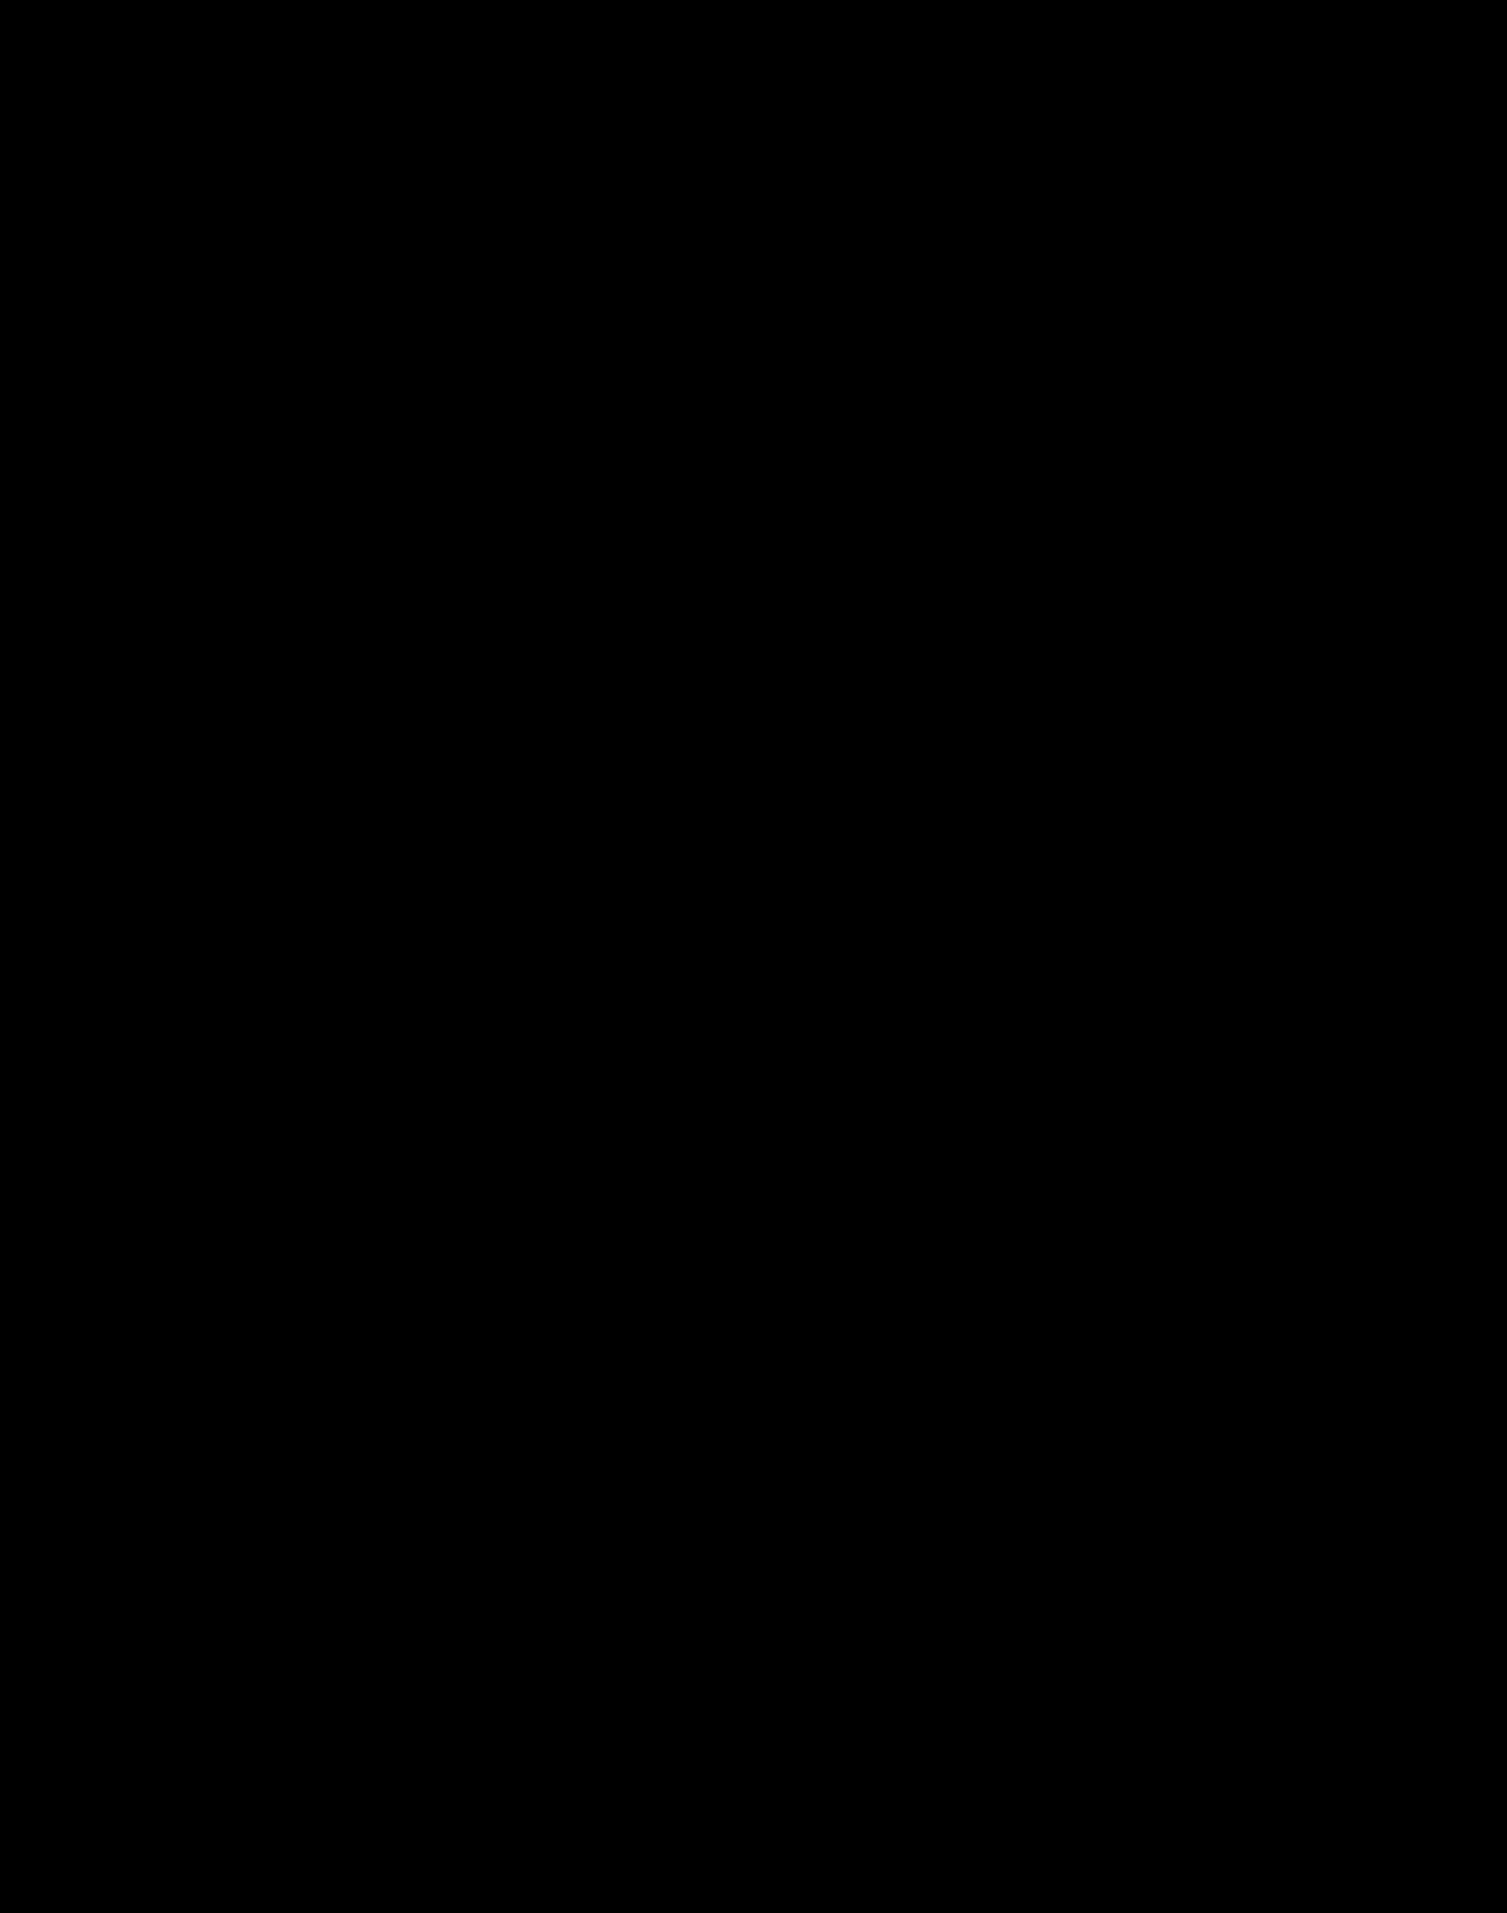 郑政办文[2013]48号混凝土剪力墙和混凝土保温幕墙建筑体系